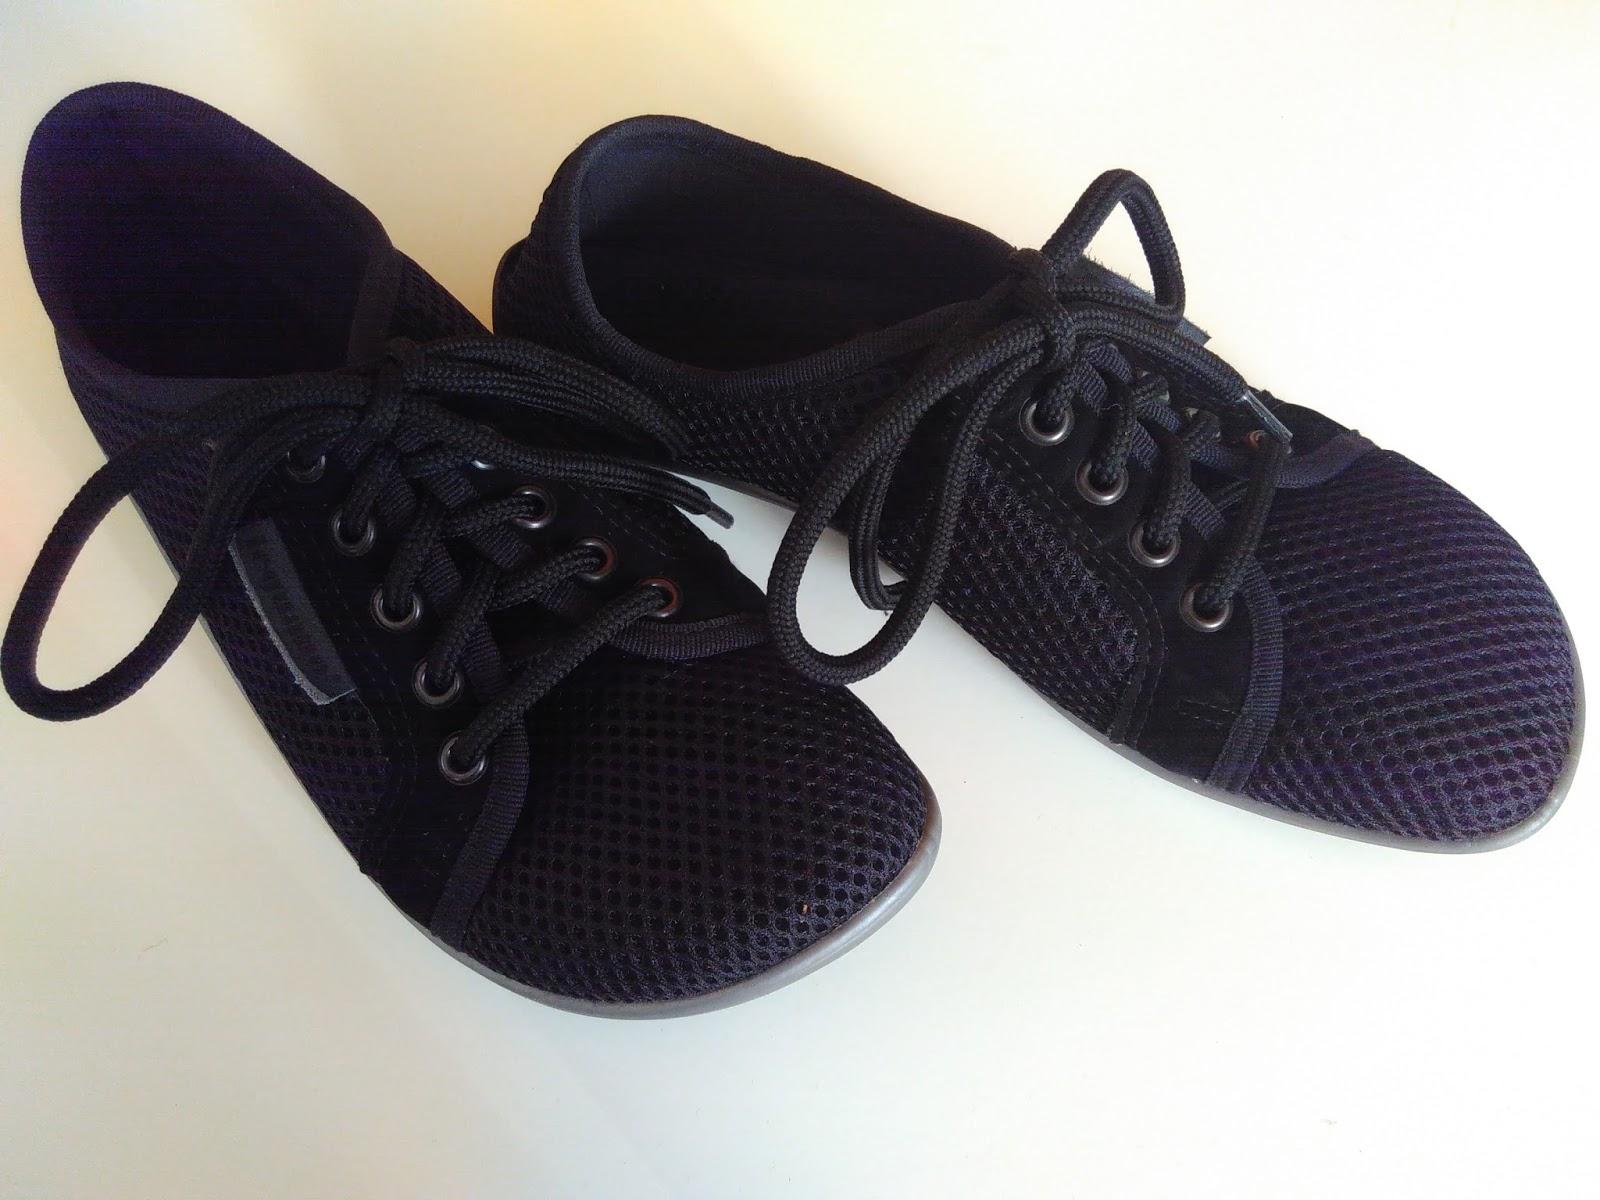 fa3a1d3ad68897 Die Schuhe bestehen aus Polyester und Mikrofaser (leider nicht besonders  toll für die Umwelt - ich weiß) und die Sohle aus Lifolit.